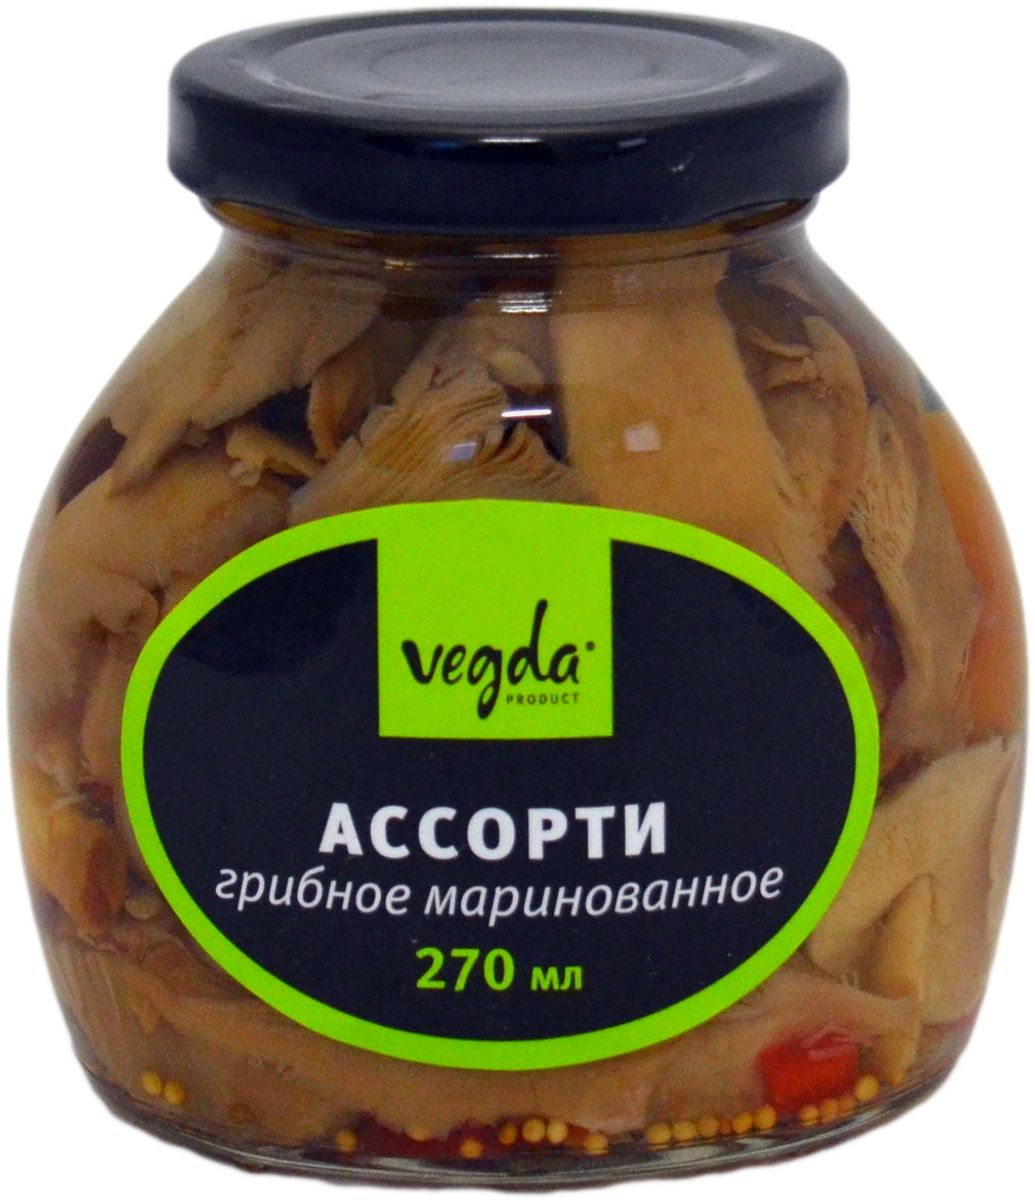 Vegdaассорти грибное маринованное, 270 мл Vegda Product